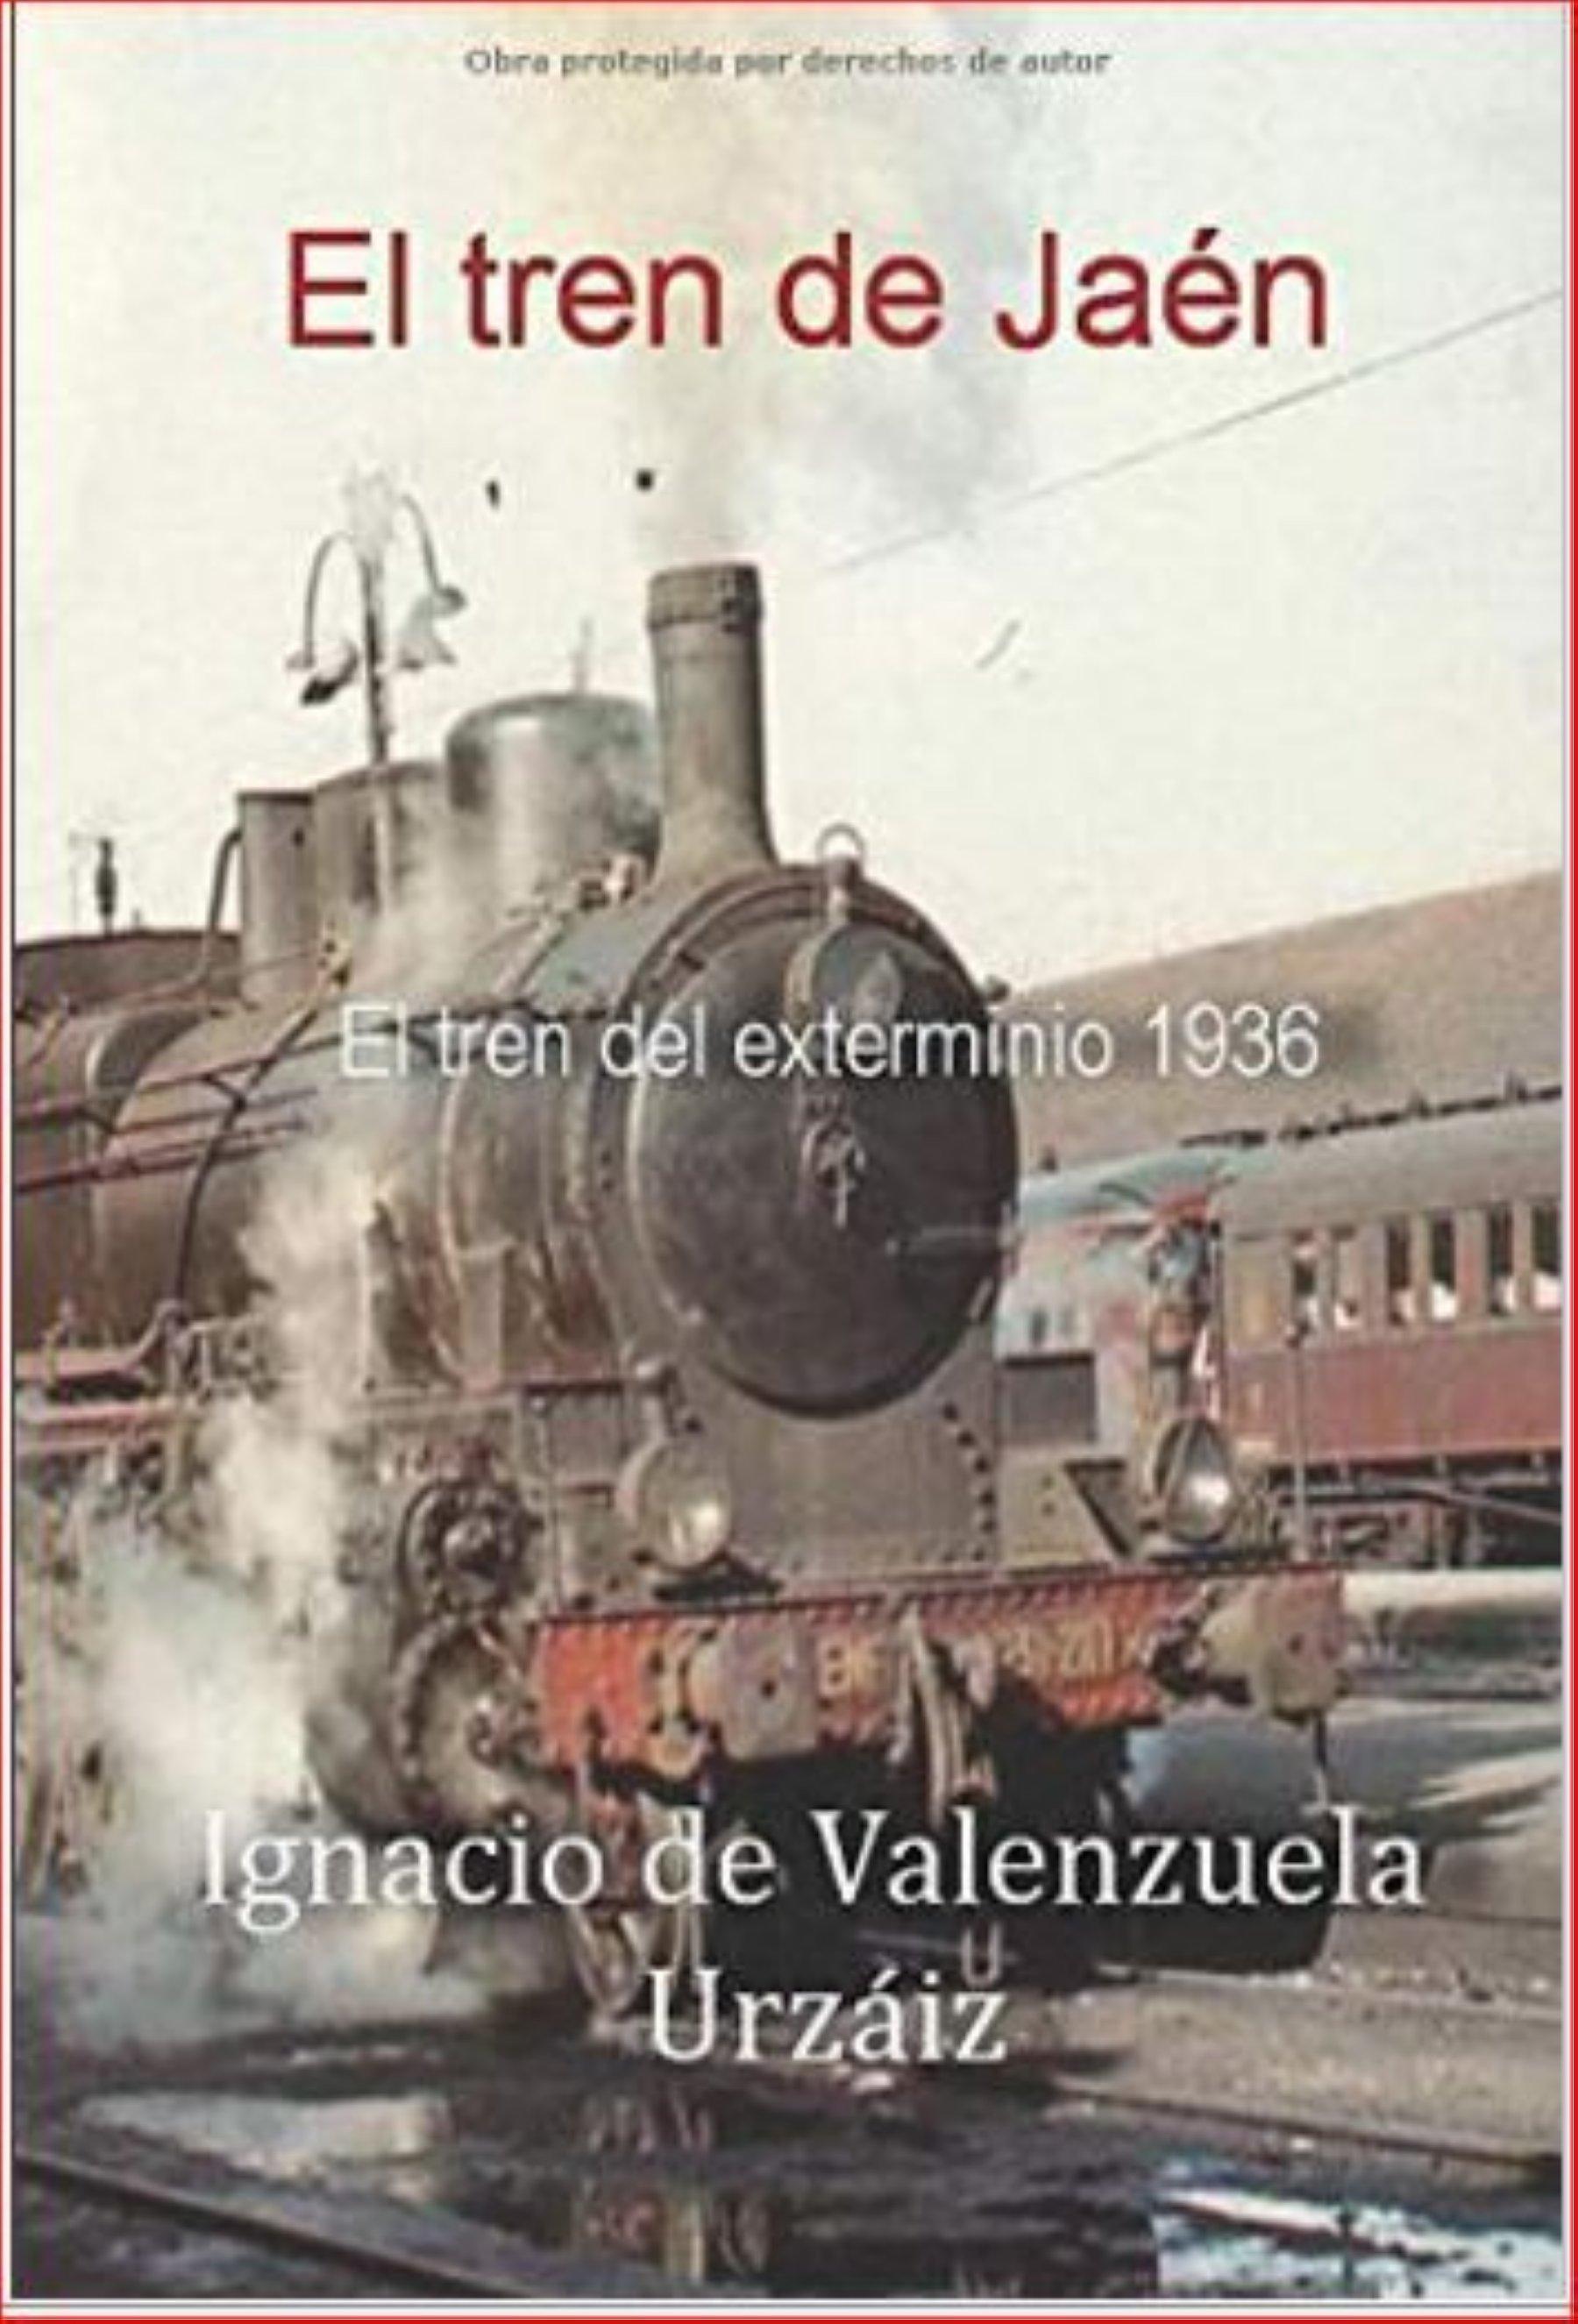 'El tren de Jaén', libro póstumo de un superviviente de 1936